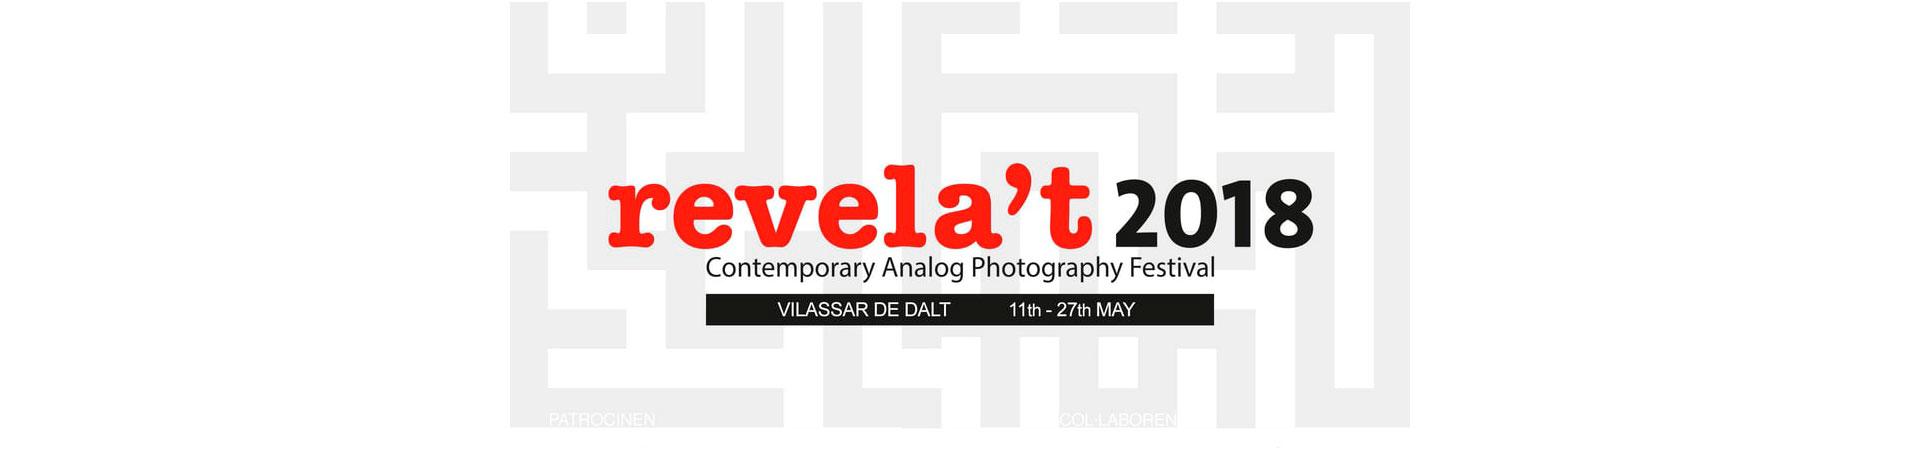 Festival Revela't 2018